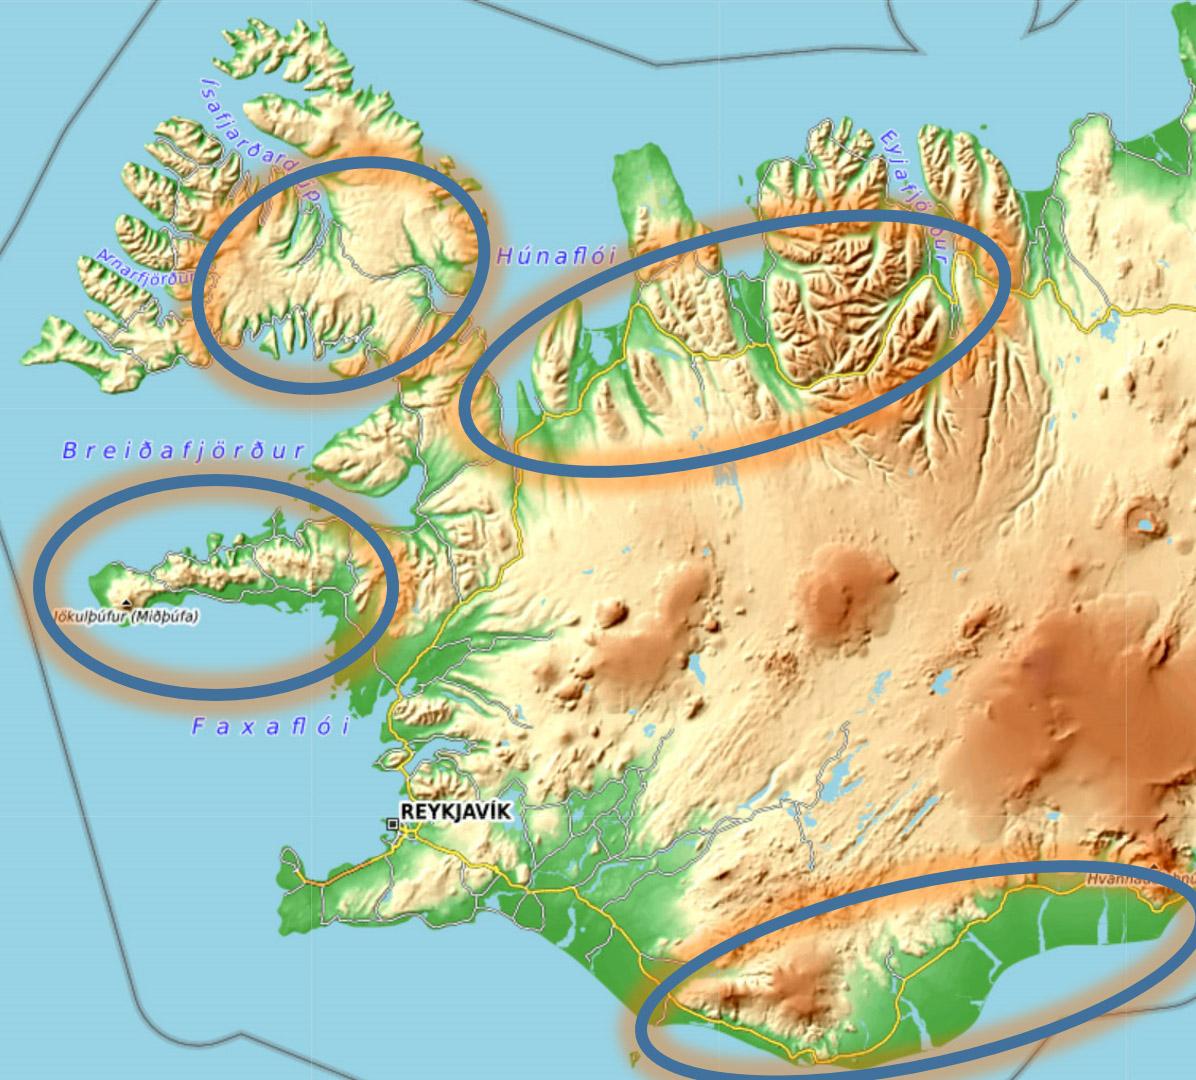 20 februari 2020: florden & vulkaanlandschap - Op IJsland zijn we nog flexibeler want het weer is daar nog grilliger dan in Noorwegen. We hebben het hele zuiden, westen en noorden van het eiland als doelgebied. Pas vlak van te voren bepalen we waar ons reisdoel daadwerkelijk zal zijn. Bij zuidenwind is het bewolkt en regenachtig langs de hele zuidkust en vaak ook langs de westkusten van het eiland. In dat geval kiezen we de ruige noordkusten op. Dat kunnen de grillige kusten van het flordenlandschap zijn in het uiterste noordwesten, maar ook de noordkust tot bij Akureyri.Komt de wind uit het noorden, dan is de 'Hringvegur' (nationale rondweg nummer 1) langs de zuidkust ideaal. Vaak zorgen droge winden over de bergen voor het oplossen van de wolken die vanuit het noorden over het binnenland zuidwaarts gaan. Dan pakken we deze beroemde weg die ons voert langs gletchers, watervallen en het IJsmeer Jökulsárlón.bron: opentopo.org